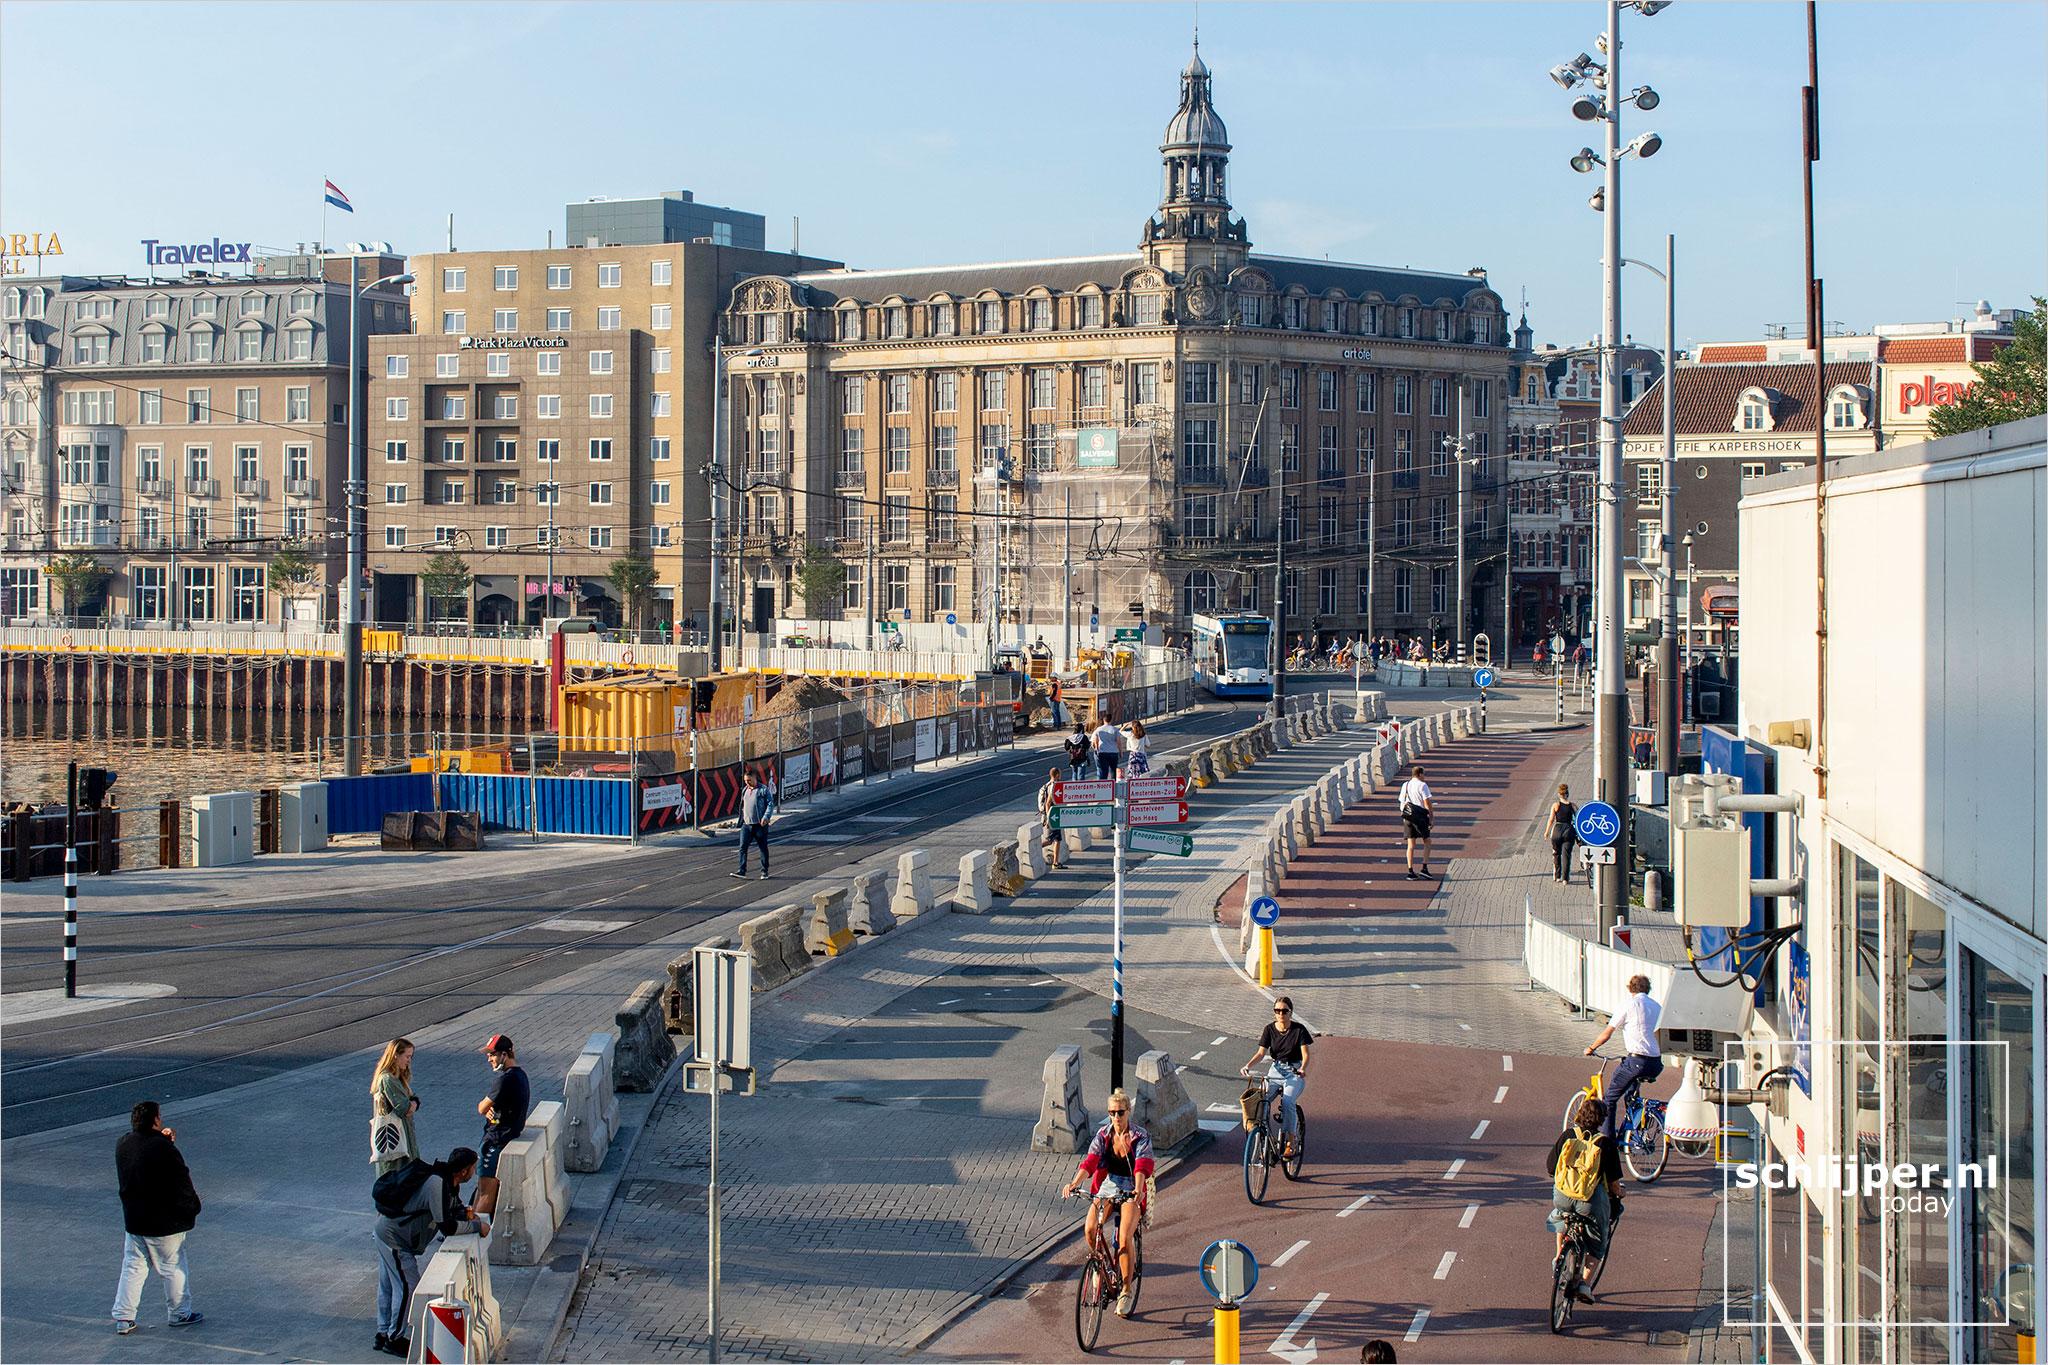 Nederland, Amsterdam, 15 september 2020